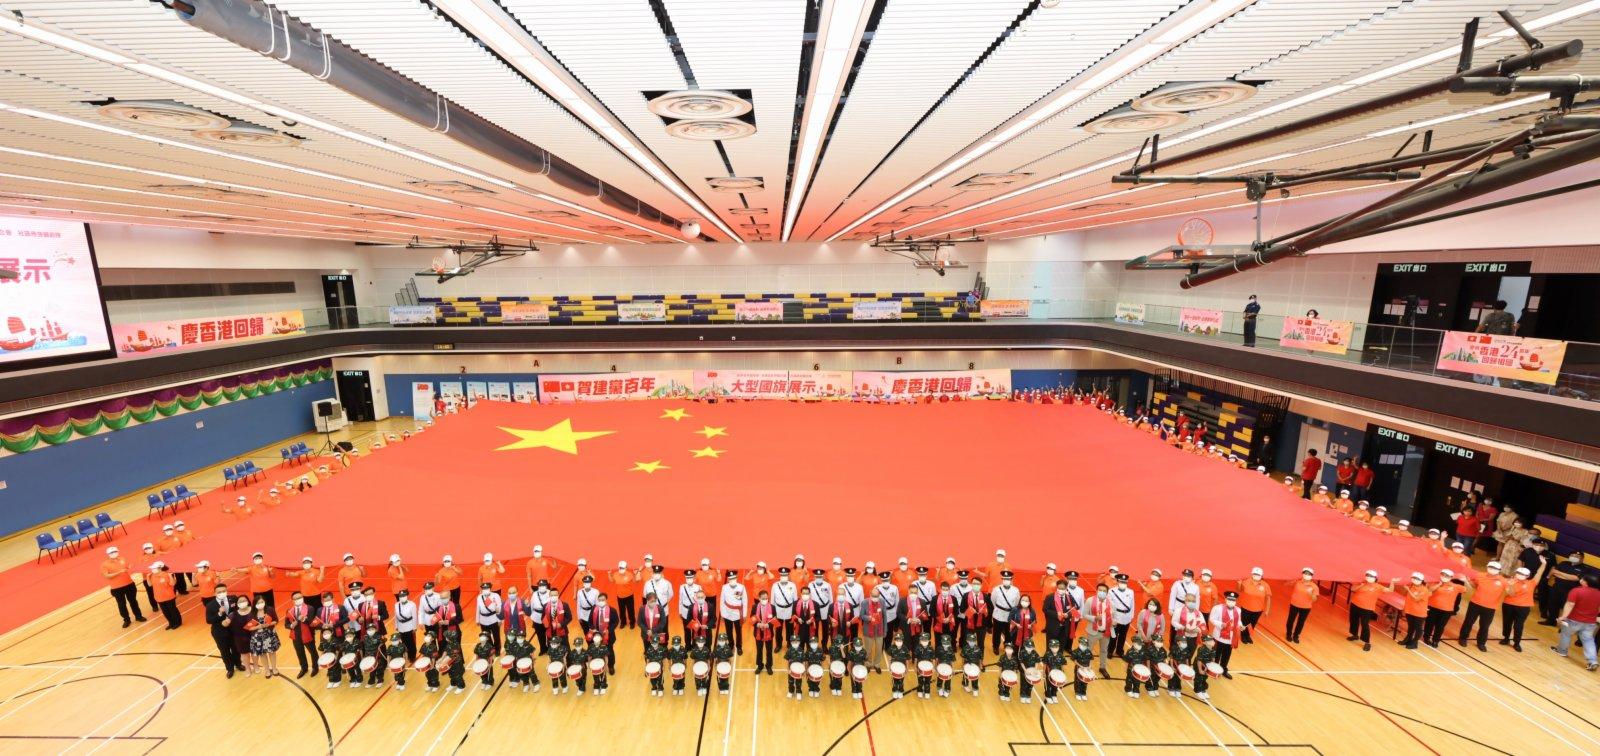 香港举办巨型国旗展示活动 贺建党百年庆香港回归